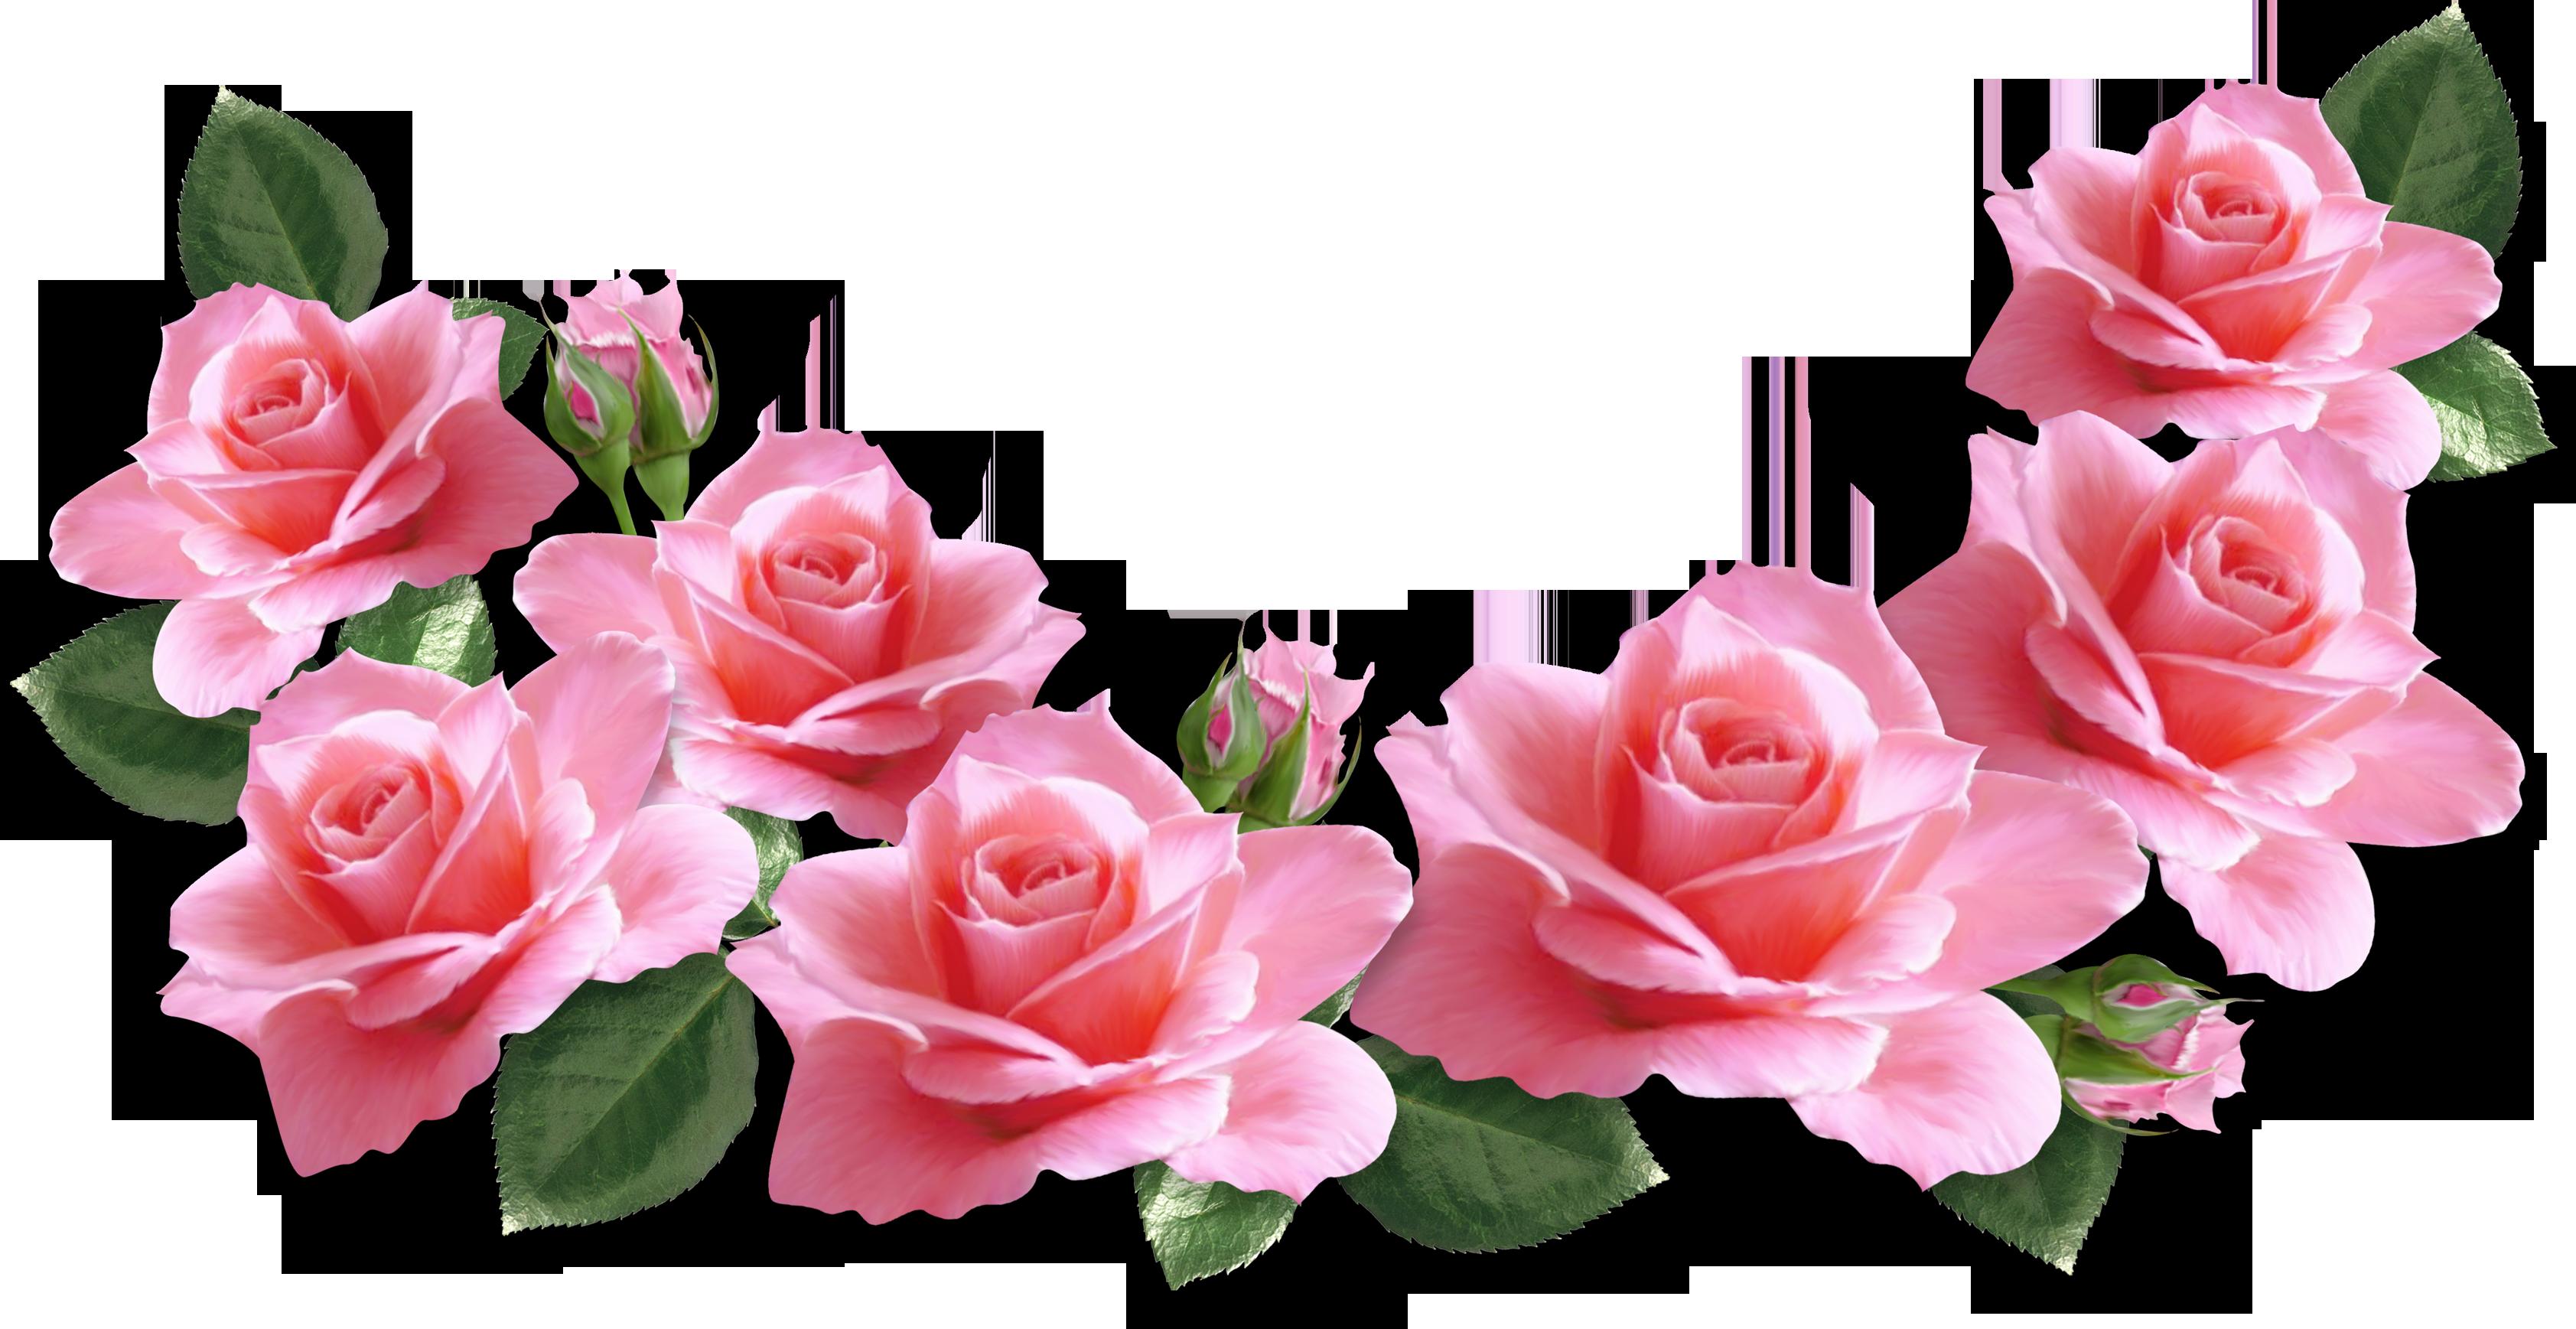 hasil gambar untuk bunga mawar kuning png bunga mawar gambar bunga mawar kuning png